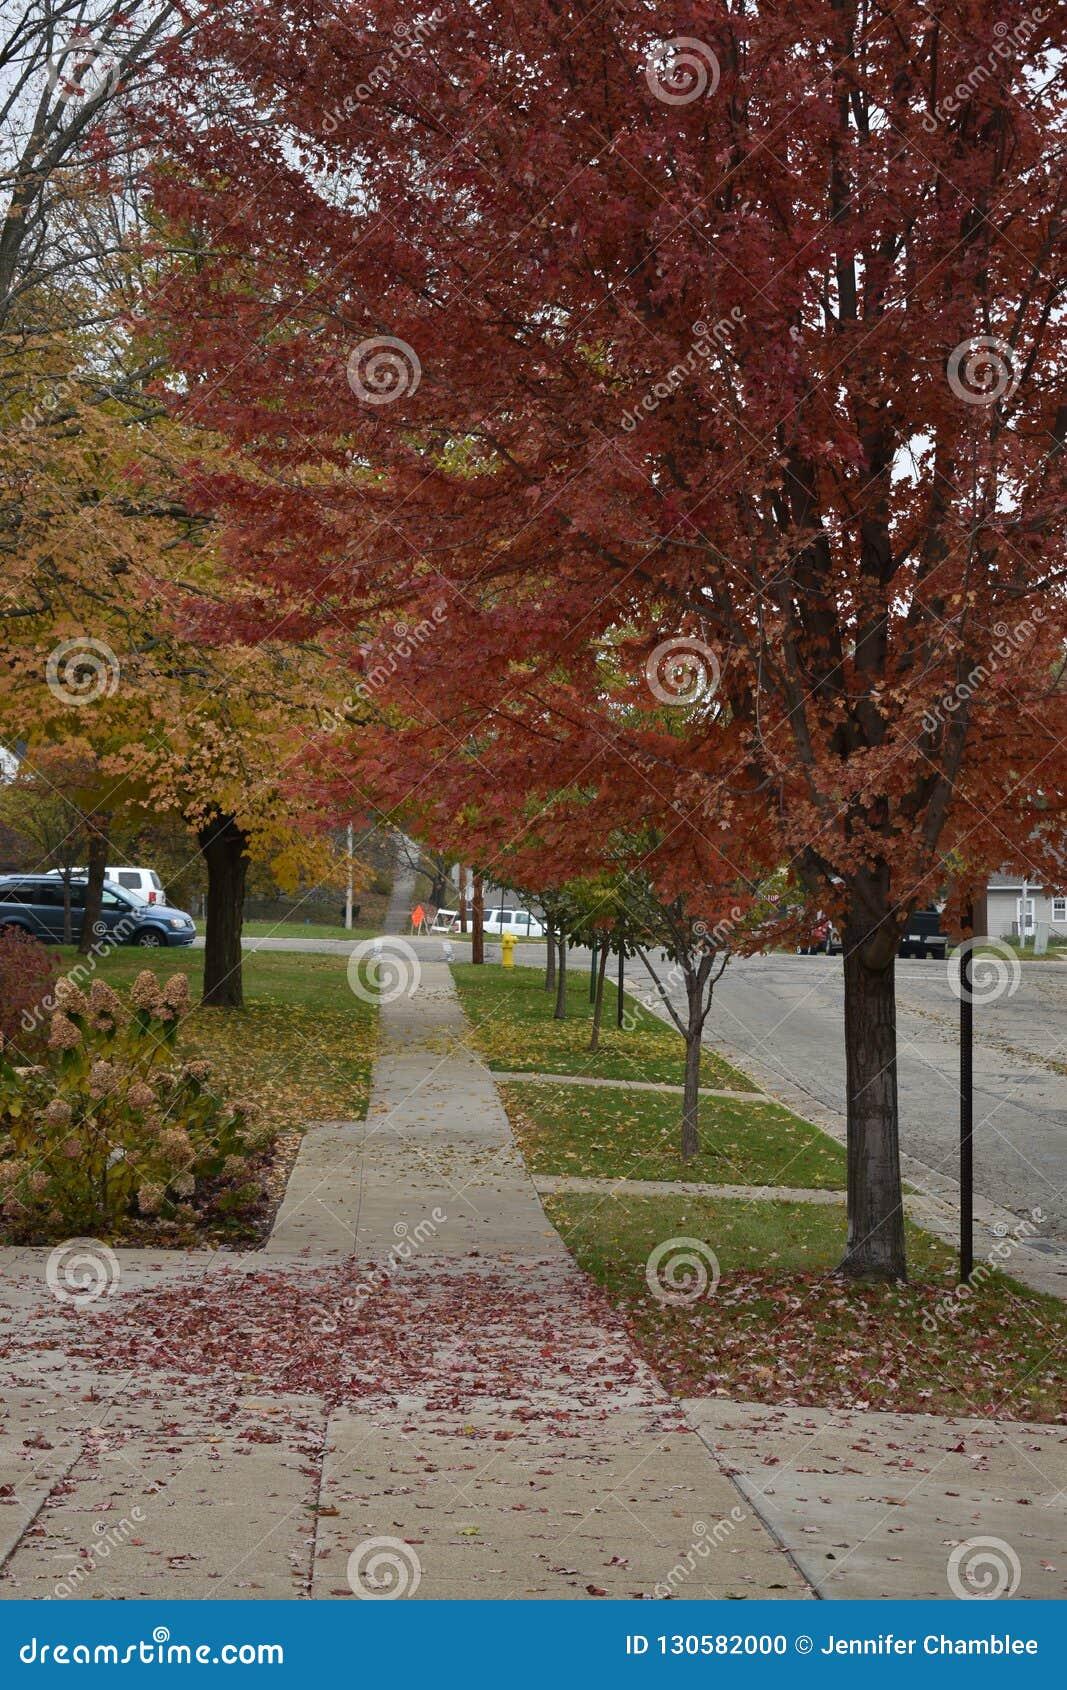 Höstsikt av en gata i en liten stad i höst med kulört falla för sidor